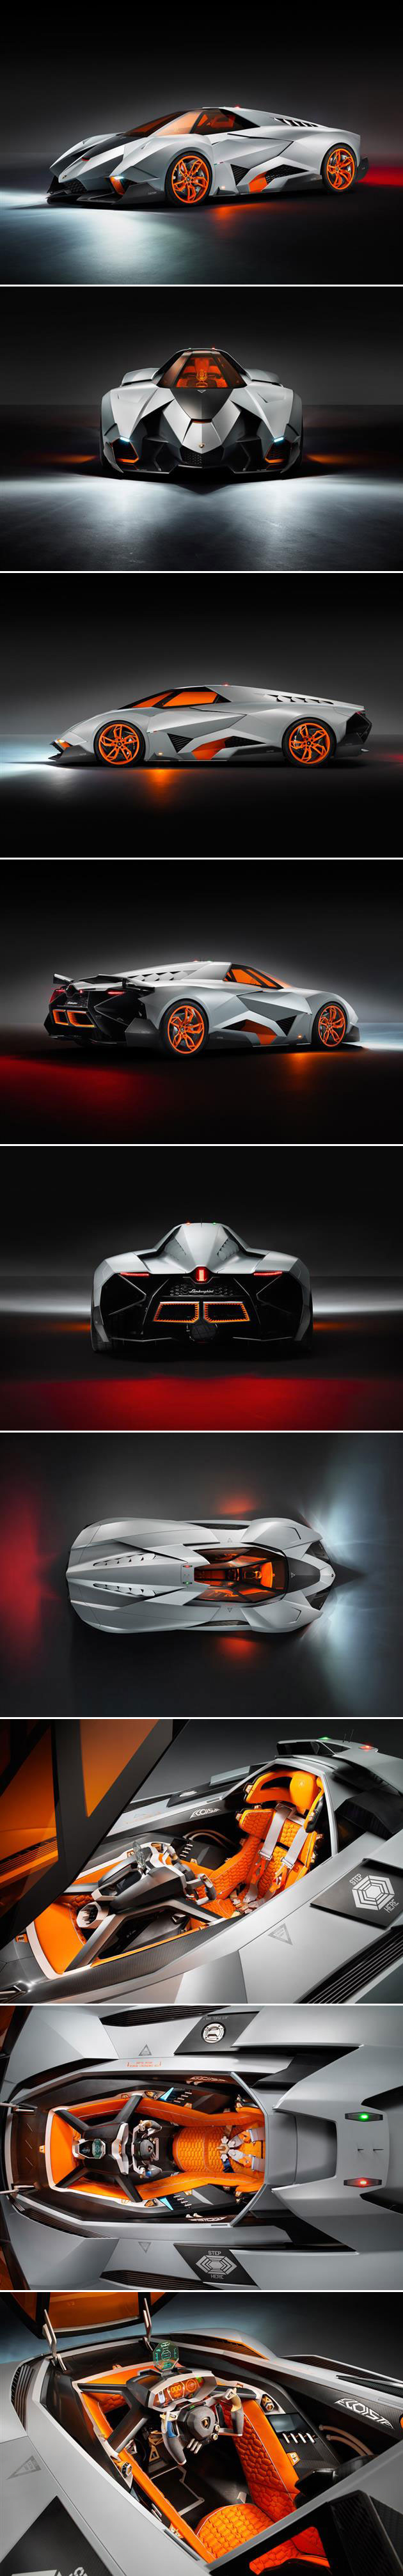 Lamborghini Egoista Pictures